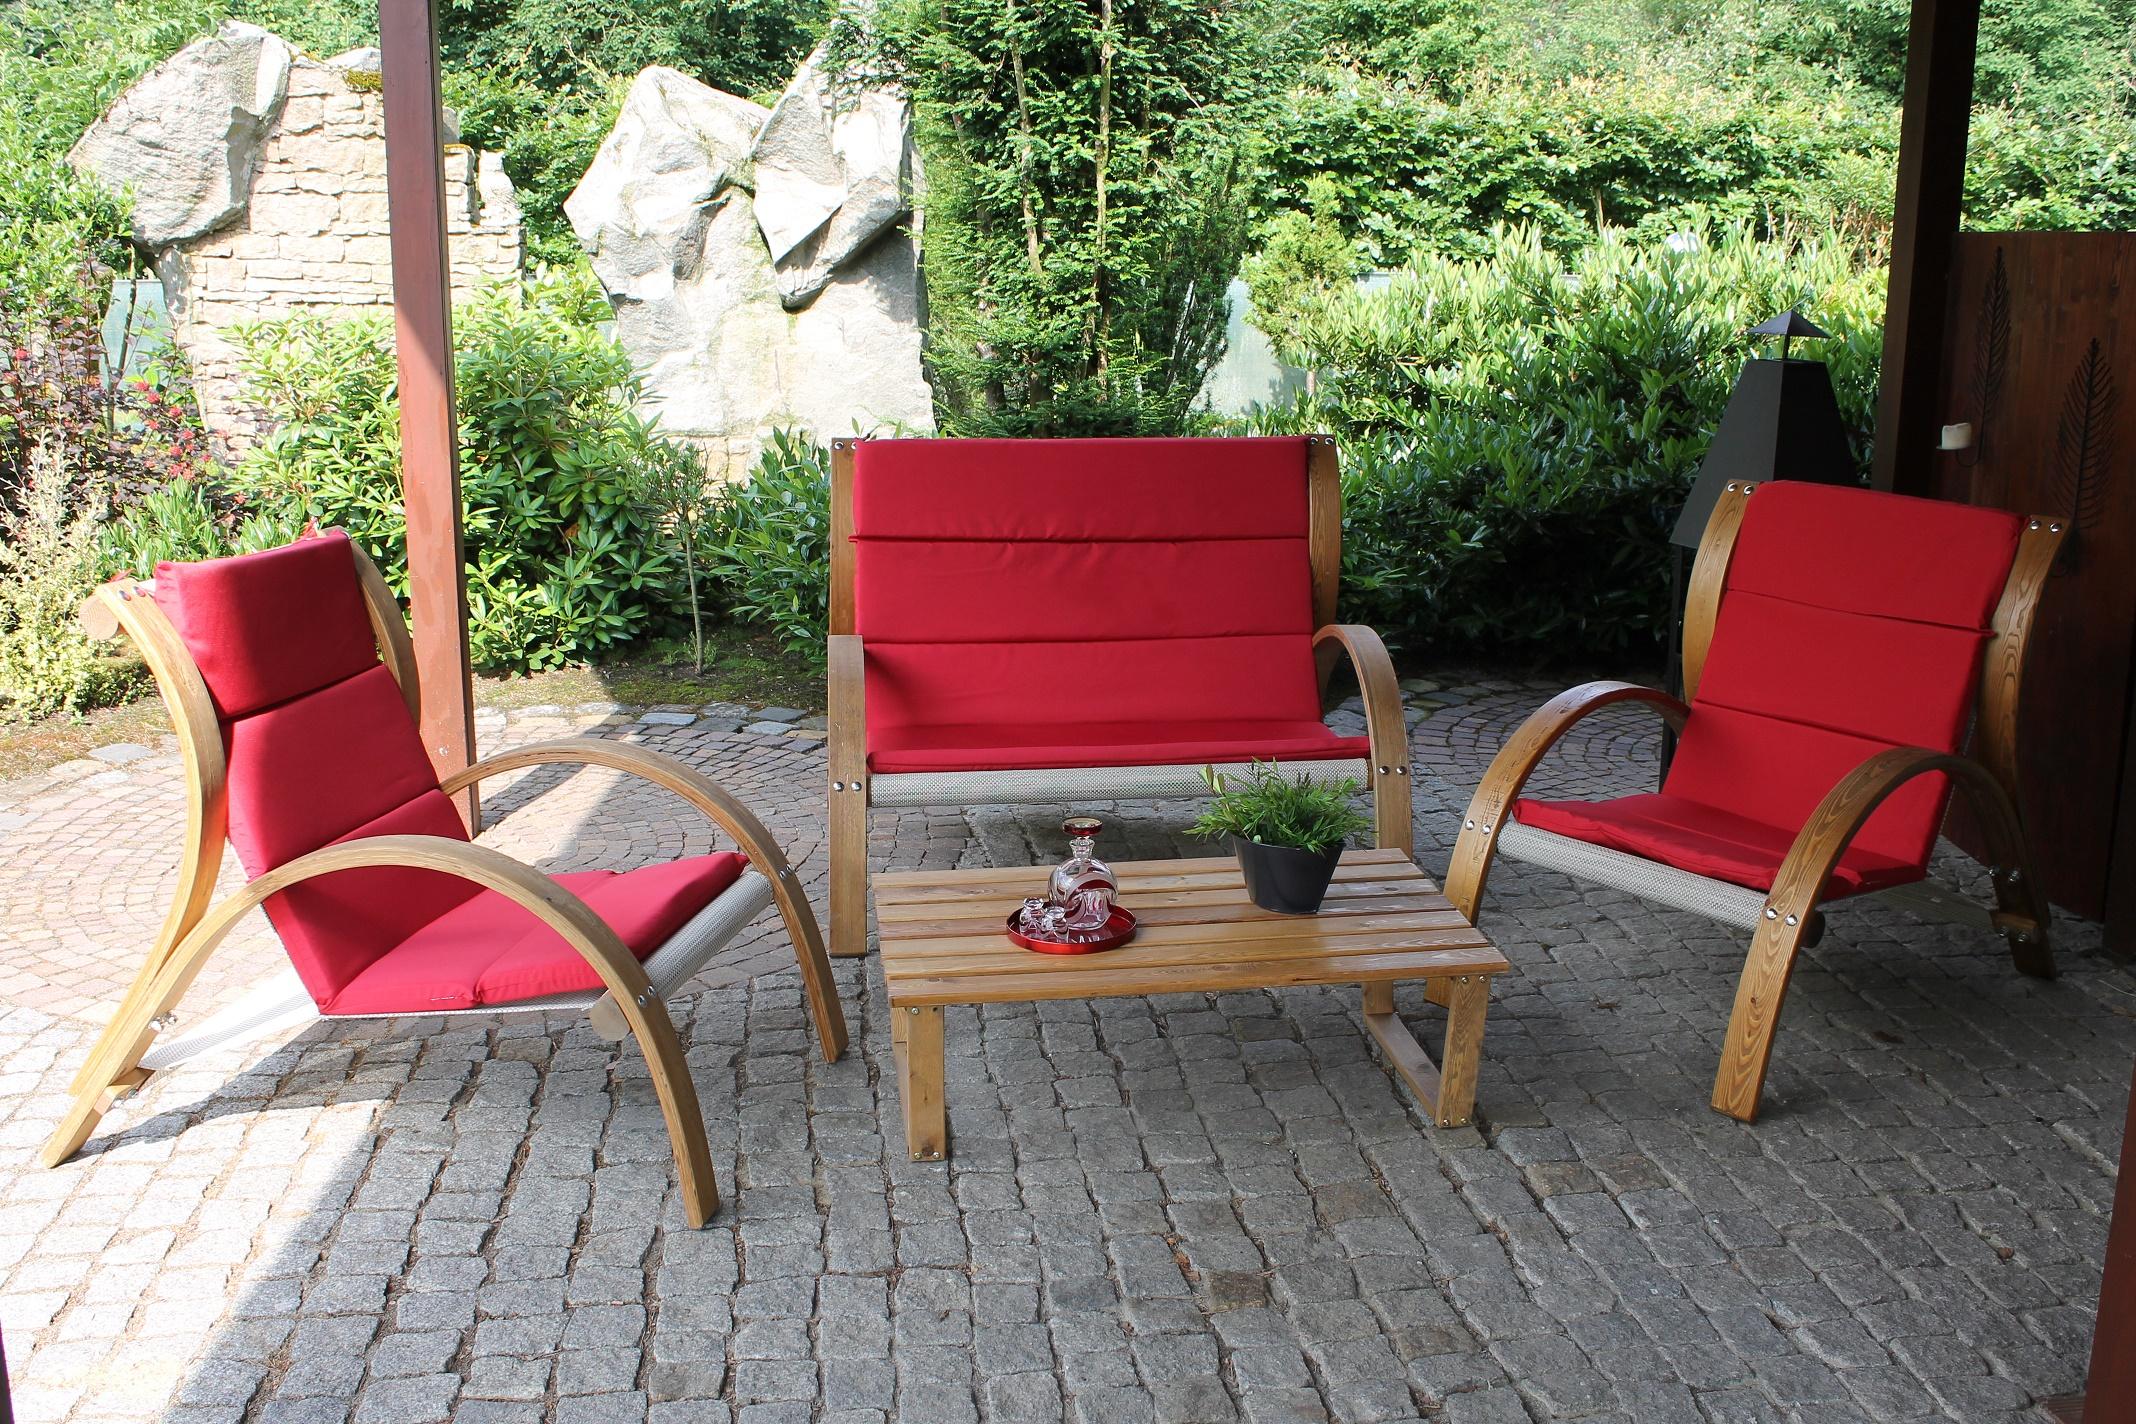 leco holz sitzgruppe rustik garten lounge tisch sessel stuhl sofa m bel garten. Black Bedroom Furniture Sets. Home Design Ideas